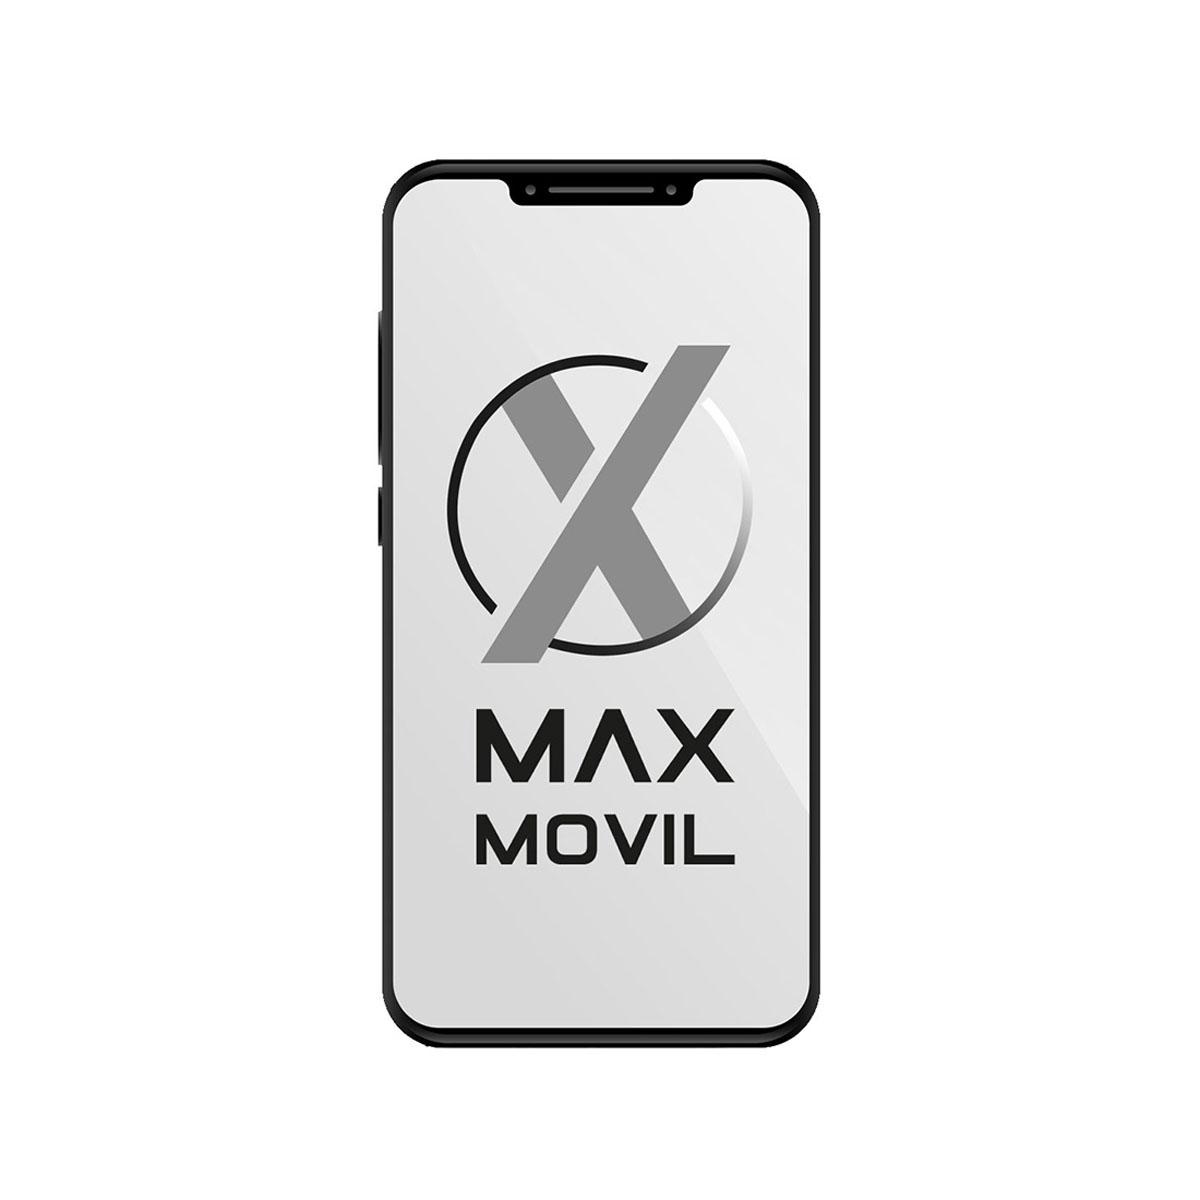 LG K11 2GB/16GB Negro Dual SIM LMX410E0W